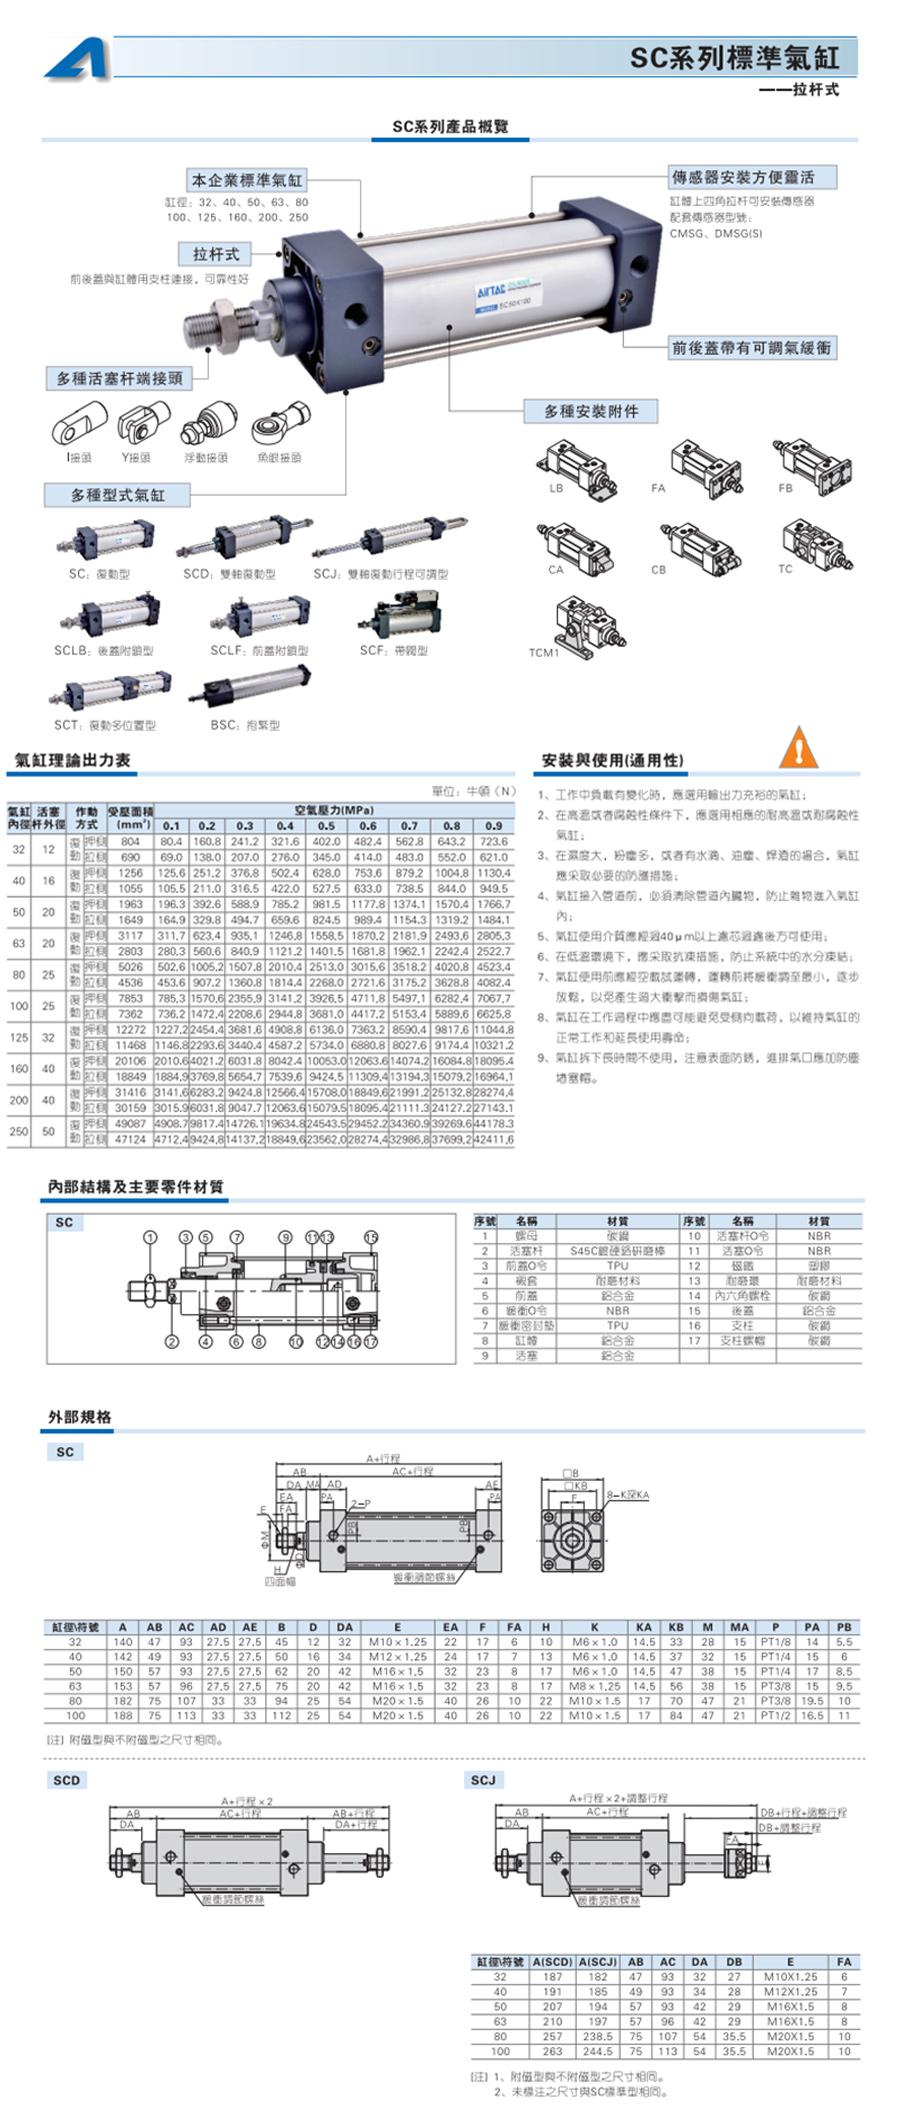 亚德客双轴行程可调型标准气缸SCJ80-400-20参数说明